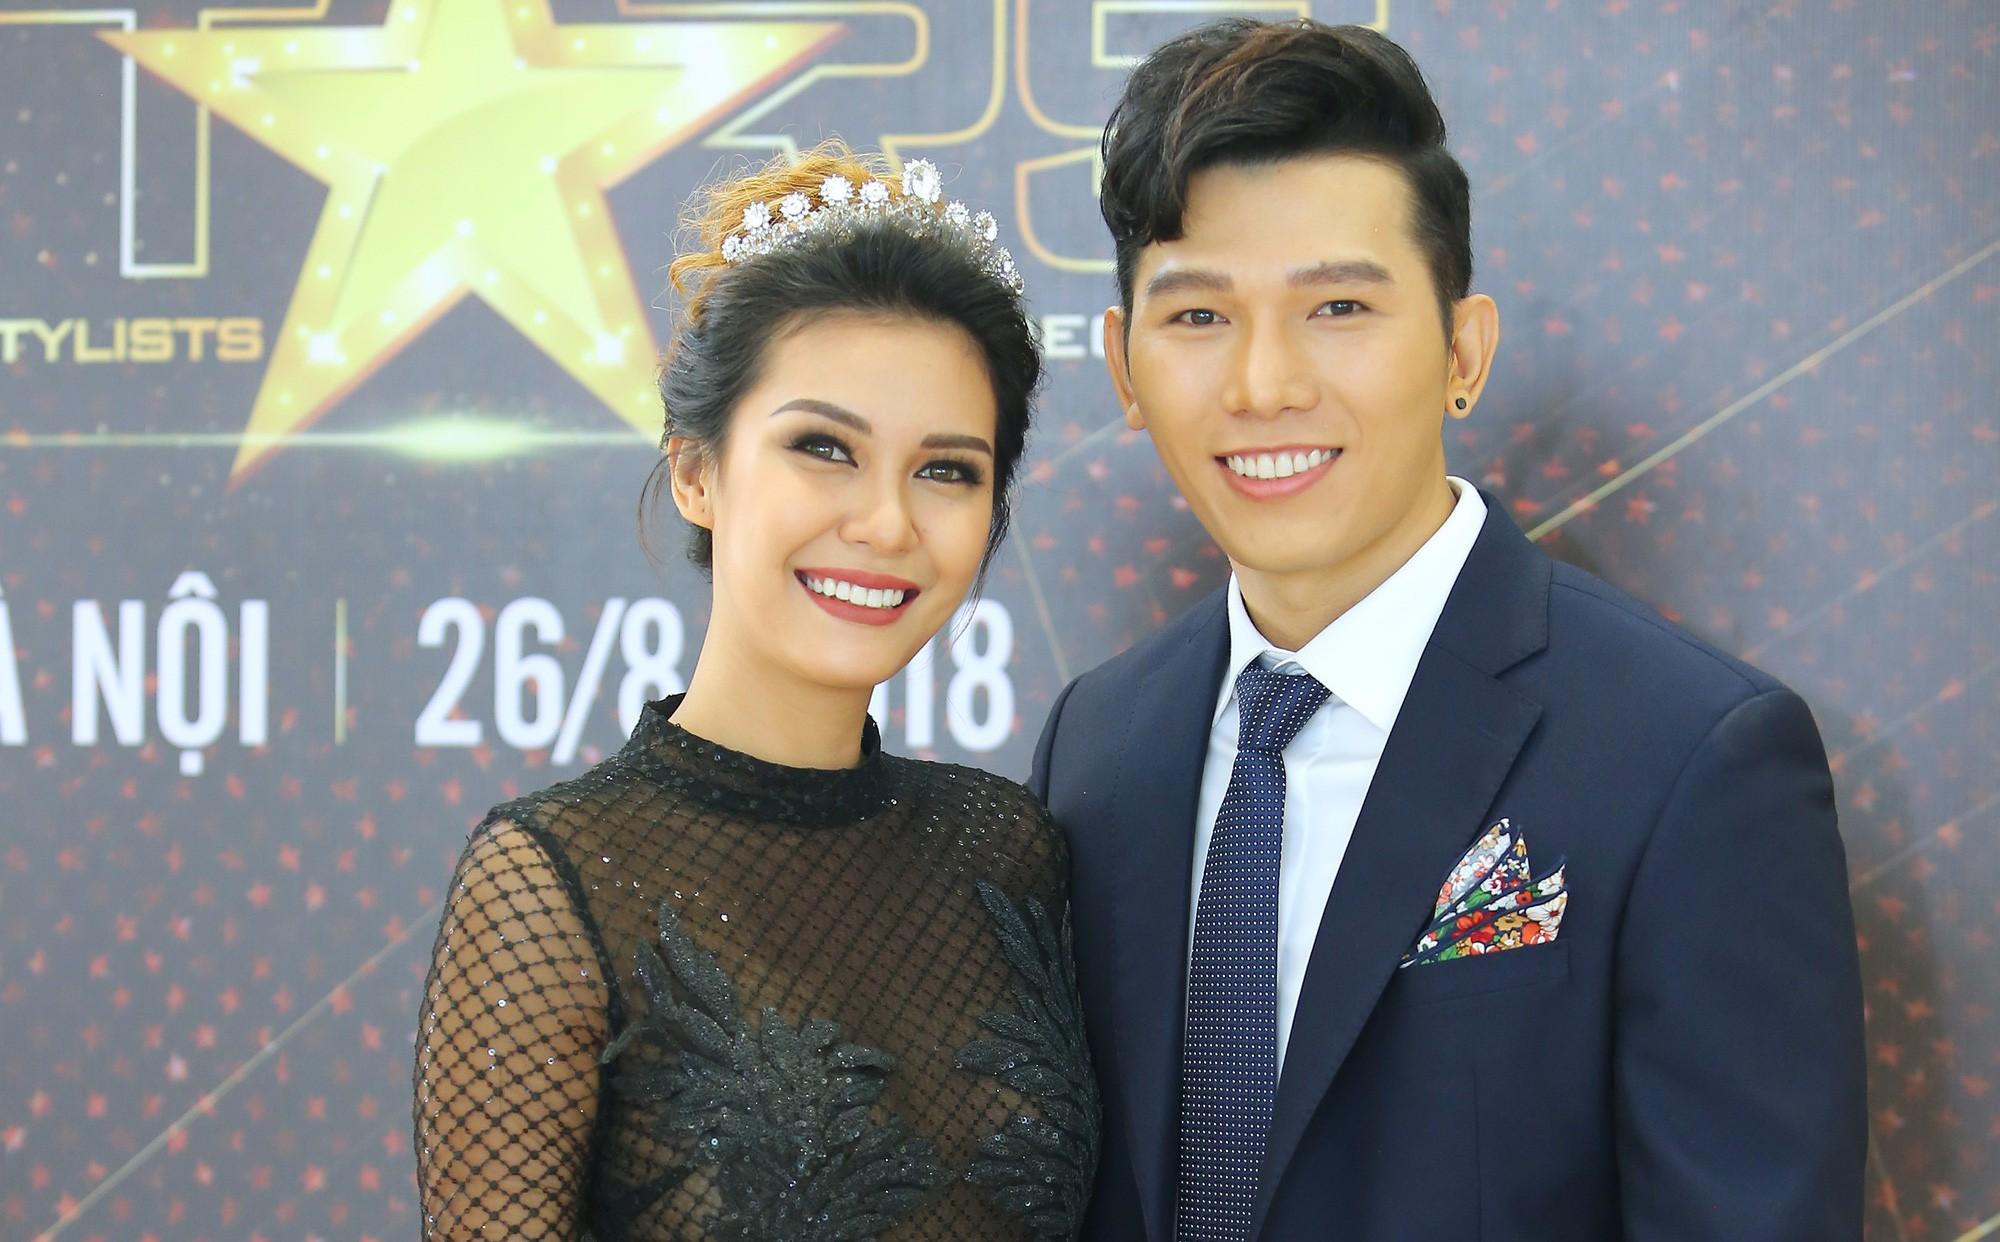 Nam Vương Ngọc Tình được khen đẹp đôi khi xuất hiện cùng Hoa hậu Trái đất Angelia Ong